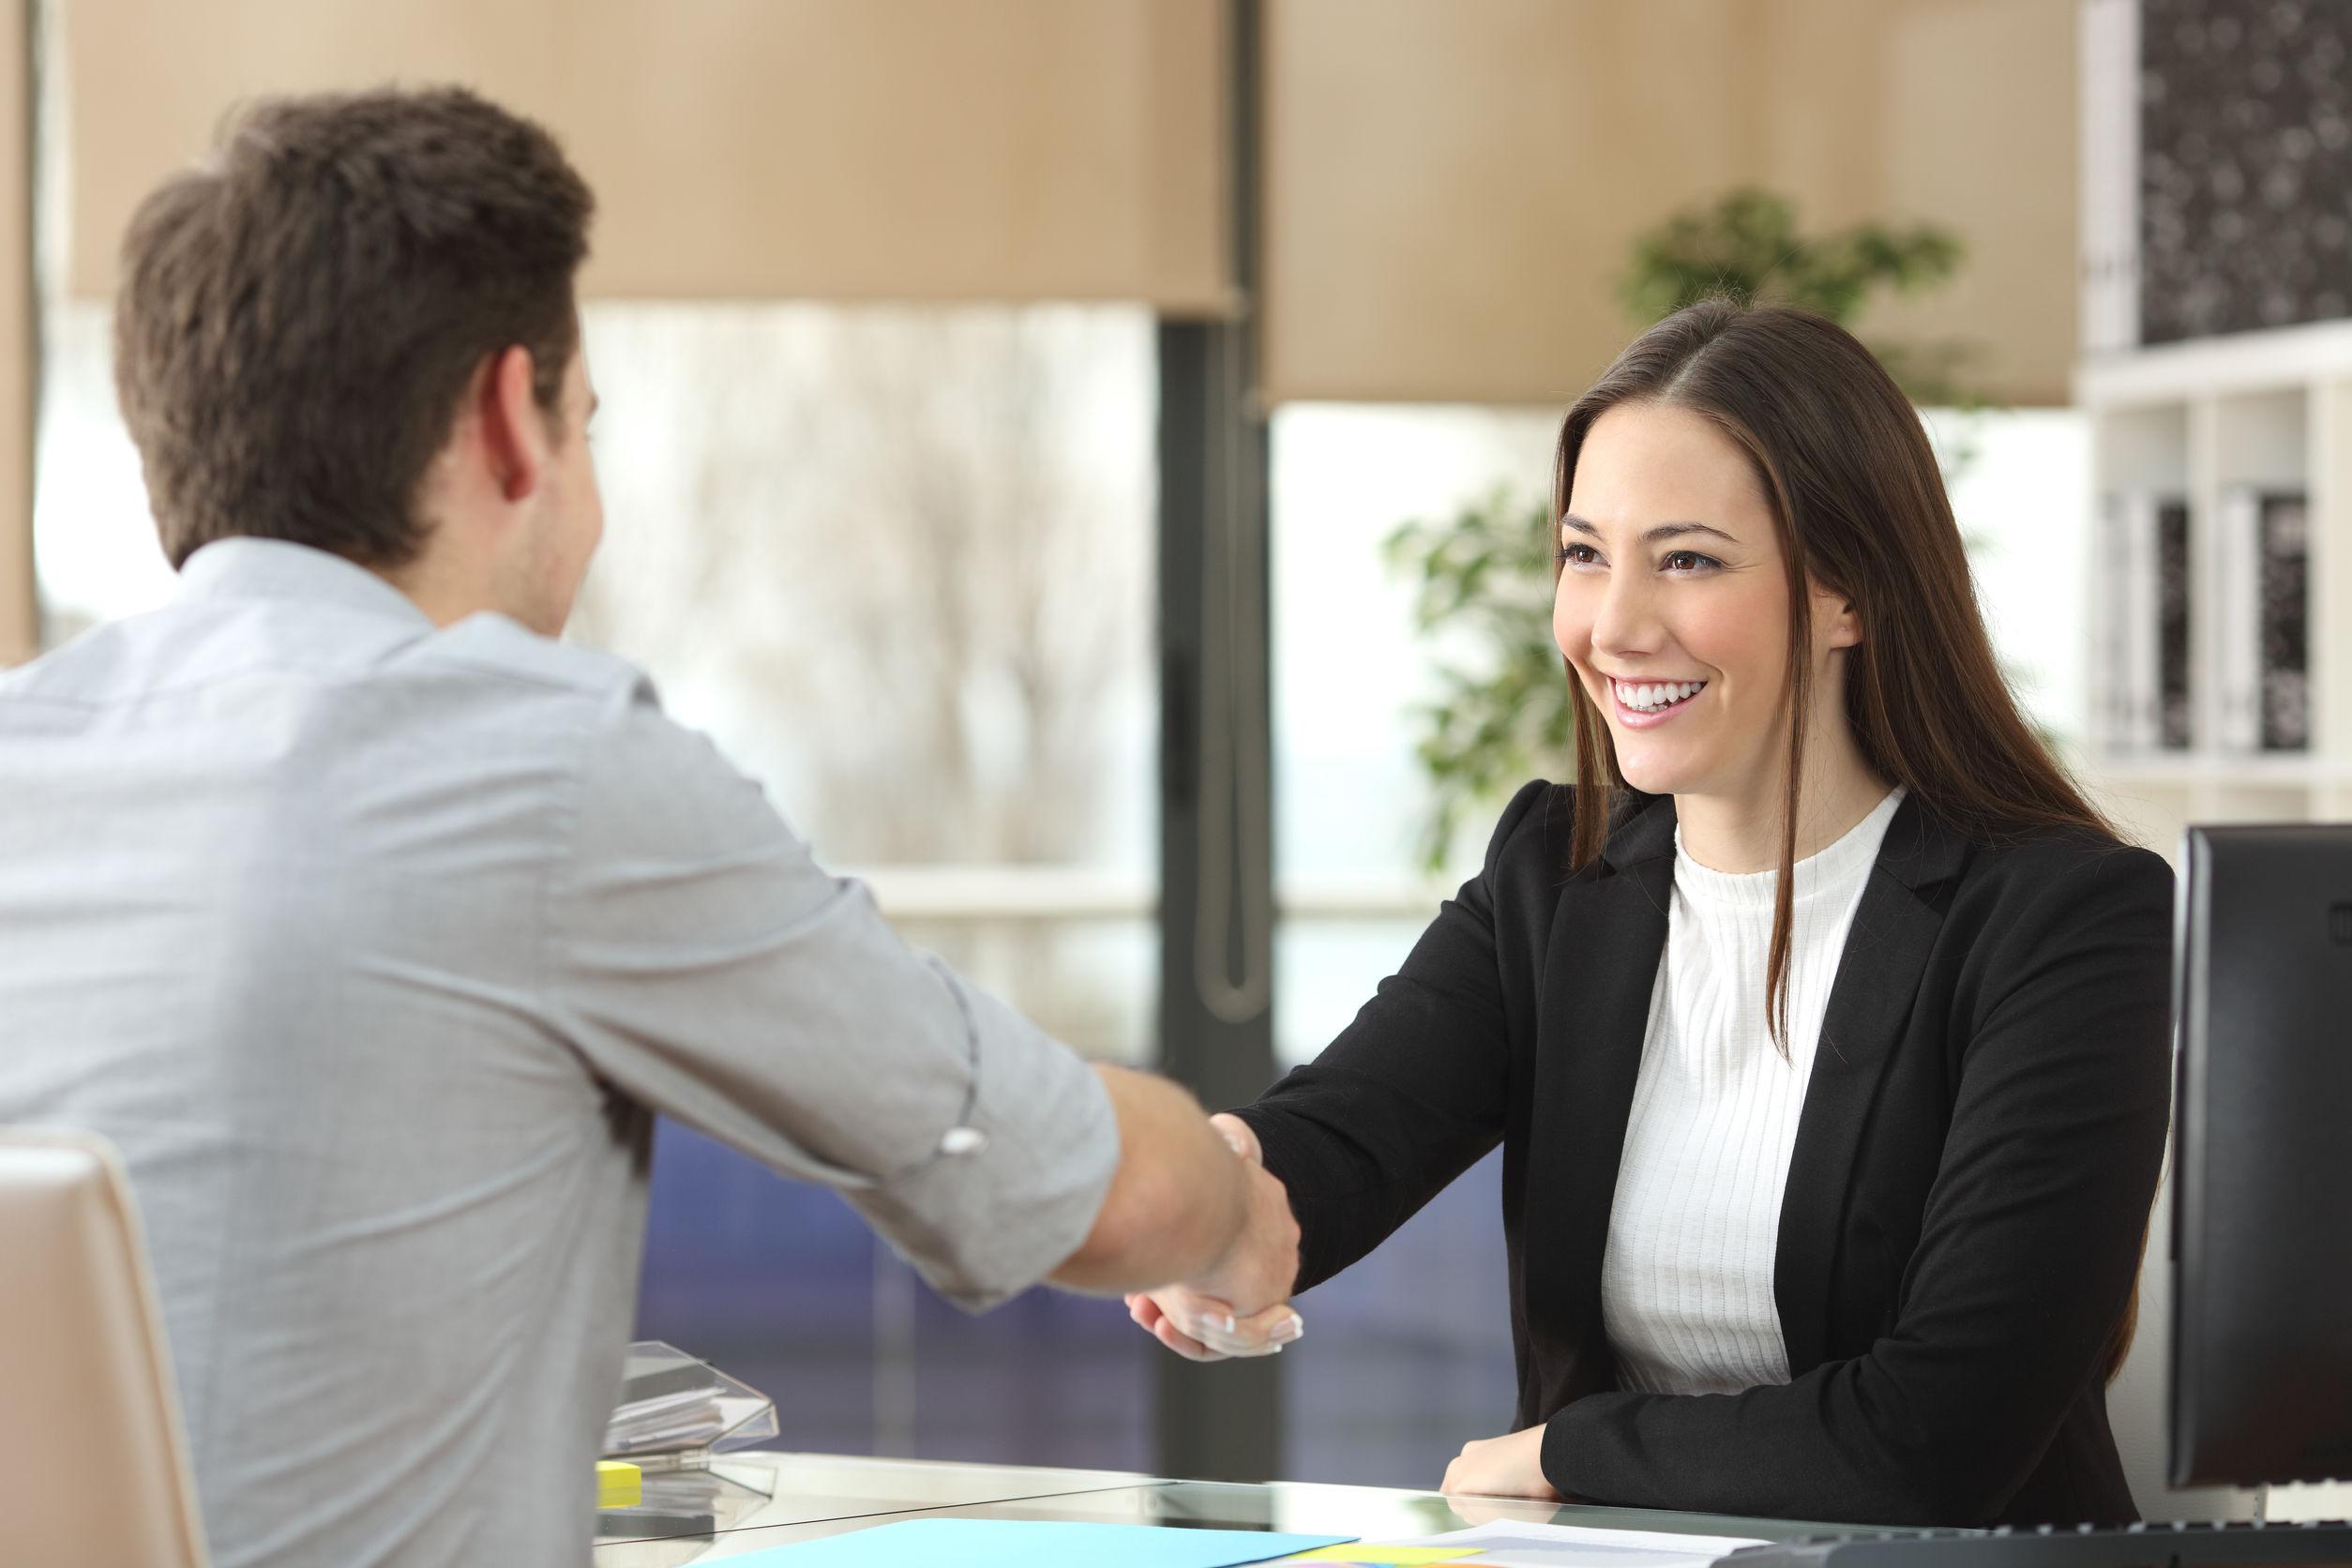 Será obligatorio informar del salario antes de las entrevistas de trabajo | Sala de prensa Grupo Asesor ADADE y E-Consulting Global Group